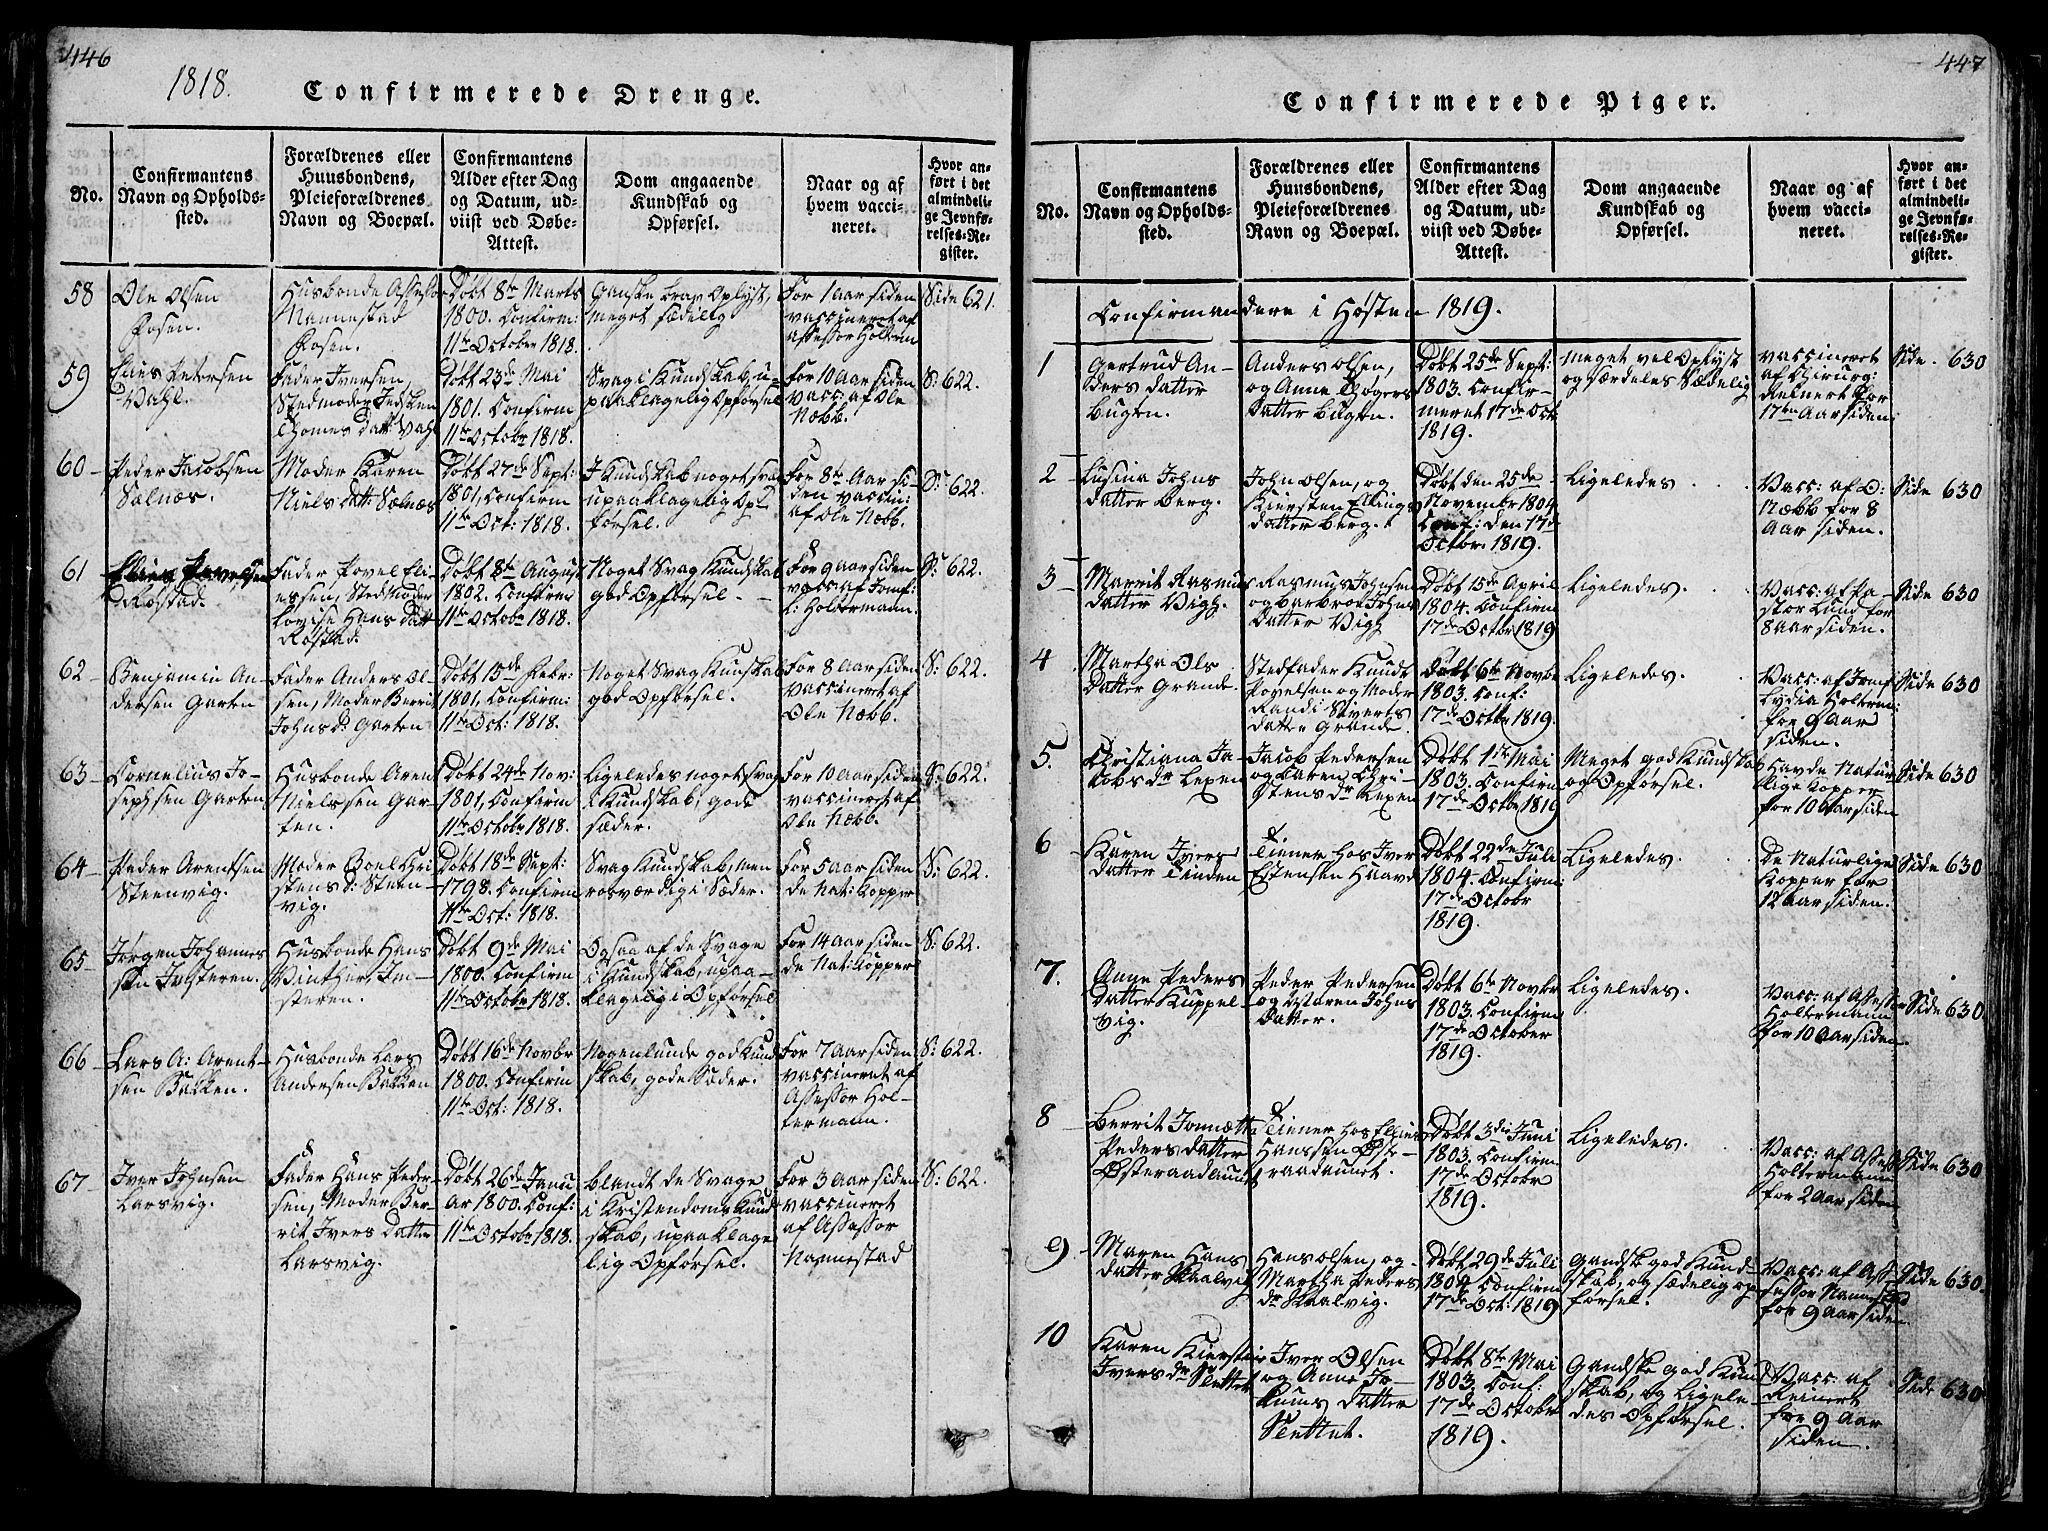 SAT, Ministerialprotokoller, klokkerbøker og fødselsregistre - Sør-Trøndelag, 659/L0744: Klokkerbok nr. 659C01, 1818-1825, s. 446-447